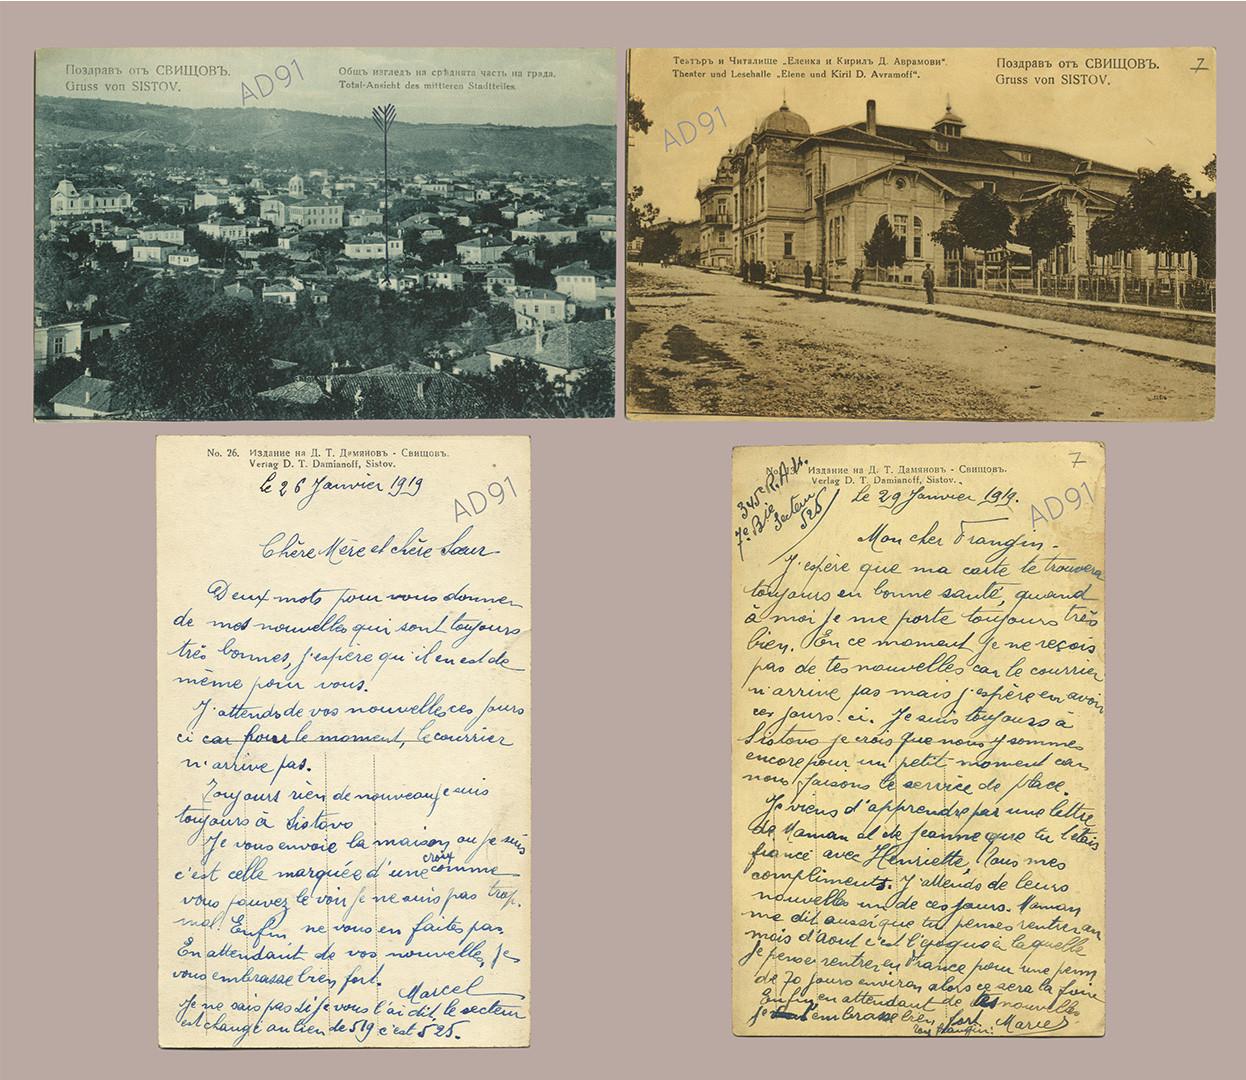 22 - Vue de Sistov (Bulgarie). Théâtre et salle de lecture. Correspondances de Marcel Rogé à son frère Georges, 26 et 29 janvier 1919. (032NUM044/66-68)